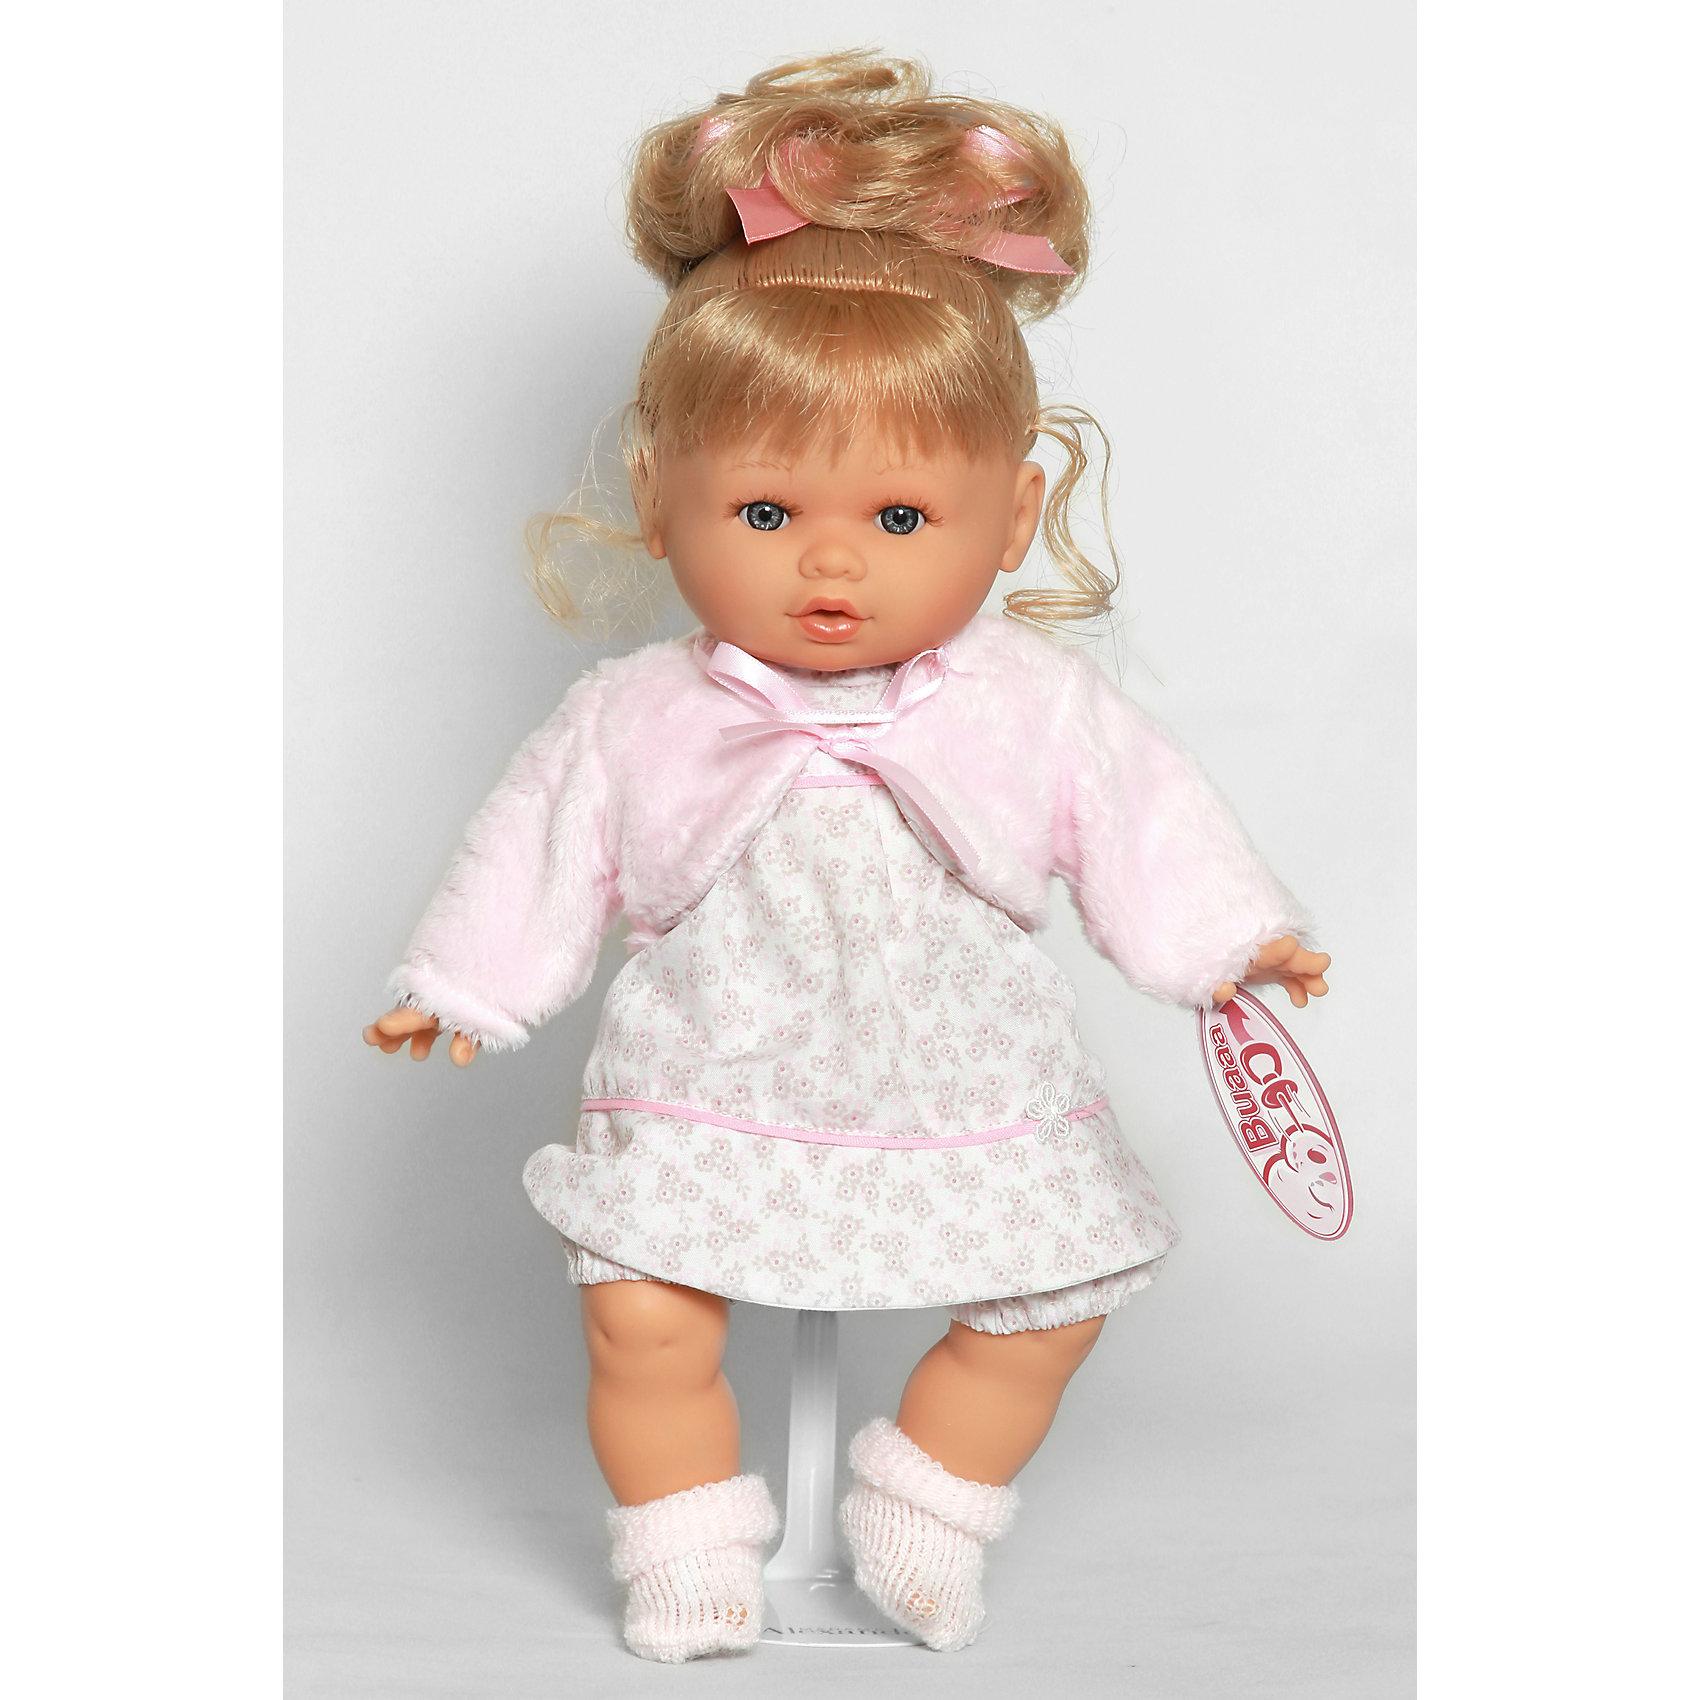 Кукла Леонора в розовом, 33 см, Munecas Antonio JuanОчаровательная малышка Леонора, Munecas Antonio Juan (Мунекас Антонио Хуан), покорит не только детей но даже их родителей. Куколка выглядит как настоящая маленькая девочка, а ее трогательный внешний вид вызывает только самые положительные и добрые эмоции. Все куклы Антонио Мунекас производятся в Испании в маленьком городе Аликанте и отличаются высоким качеством и потрясающим сходством с настоящими младенцами. В коллекции представлены куклы разных возрастов, как новорожденных так и детей постарше. Все детали тщательно проработаны, пропорции идентичны строению маленького ребенка. В создании кукол и одежды для них принимали участие известные европейские дизайнеры, поэтому каждая куколка имеет свой неповторимый индивидуальный образ и чудесный модный наряд, сшитый вручную.<br><br>У куклы Леоноры милое детское личико и мягкие светлые волосы, уложенные в красивую прическу, их можно мыть шампунем и расчесывать. Искусно выполненные детали, такие как складочки на ручках и ножках, пушистые реснички, пухлые щечки и губки, придают игрушке трогательный и реалистичный вид. Туловище куклы мягконабивное и маленькая хозяйка будет с удовольствием обнимать и тискать ее. Куколка умеет плакать, предложите ей соску (входит в комплект) и малышка успокоится. У Леоноры подвижные ручки и ножки, изготовленные из высококачественного эластичного винила, глазки не закрываются. Куколка одета в симпатичное белое платьице в розовый цветочек и розовую кофточку, на ножках теплые носочки. Эта чудесная милая куколка станет любимицей Вашей девочки и будет воспитывать в ней доброту, внимание и заботу.<br><br>Дополнительная информация:<br><br>- В комплекте: кукла, одежда, соска. <br>- Материал: текстиль, винил.<br>- Требуются батарейки: 3 х АА 1,5V (входят в комплект).<br>- Высота куклы: 33 см.<br>- Размер упаковки: 12 x 34 x 19 см.<br>- Вес: 0,782 кг.<br><br>Куклу Леонора в розовом, Munecas Antonio Juan (Мунекас Антонио Хуан), можно купить в нашем интерн